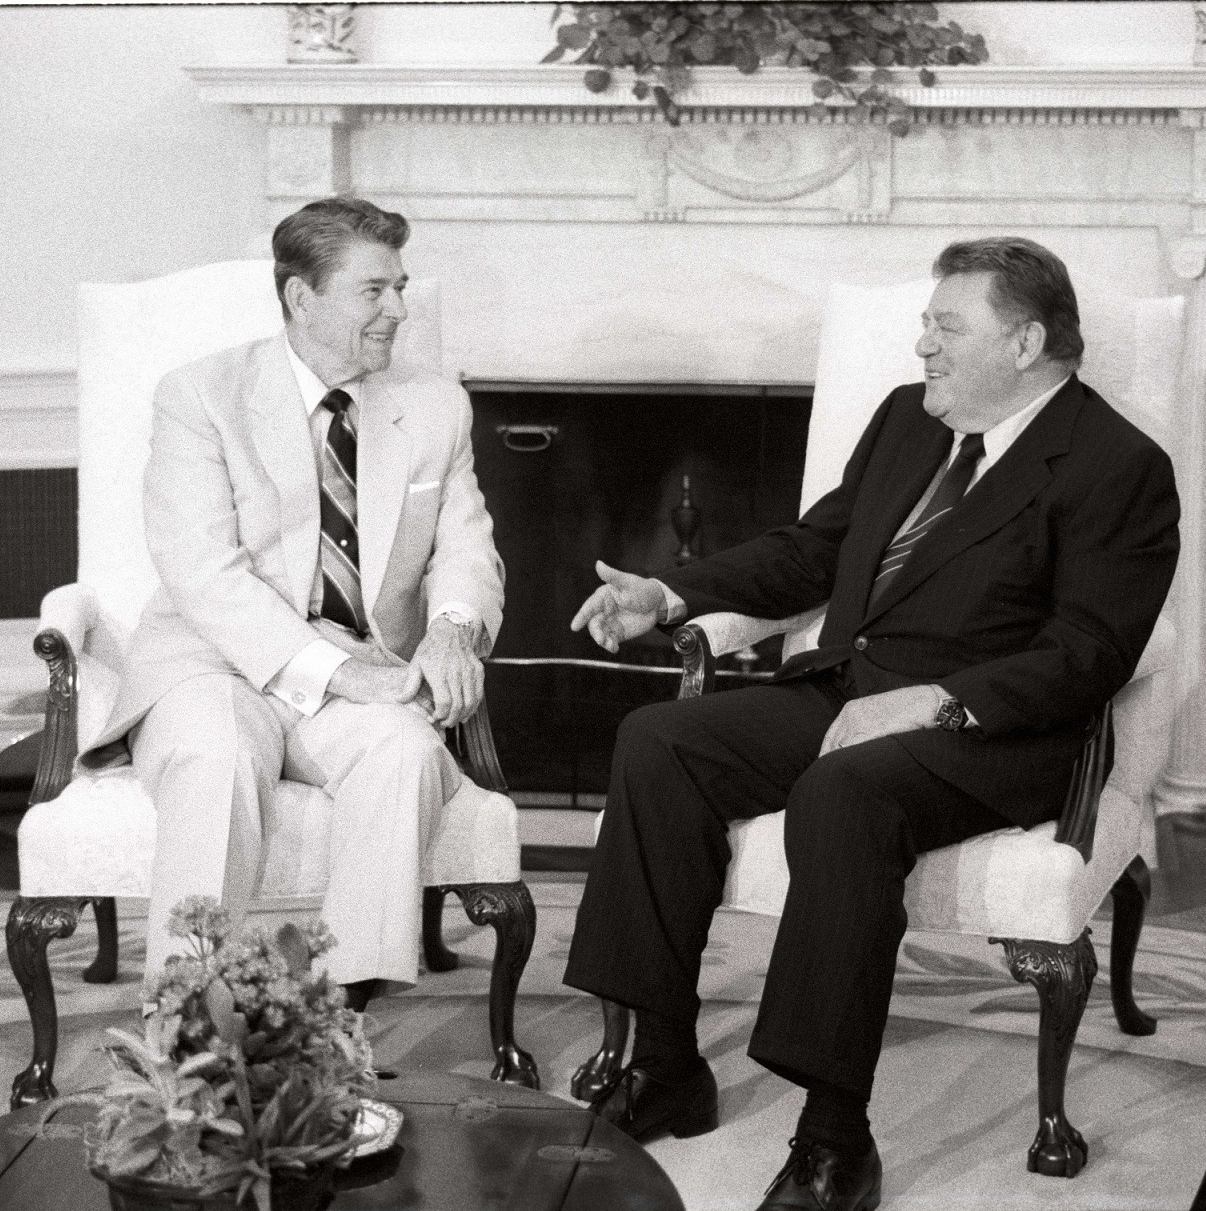 Franz Josef Strauß und Ronald Reagen im Weißen Haus.